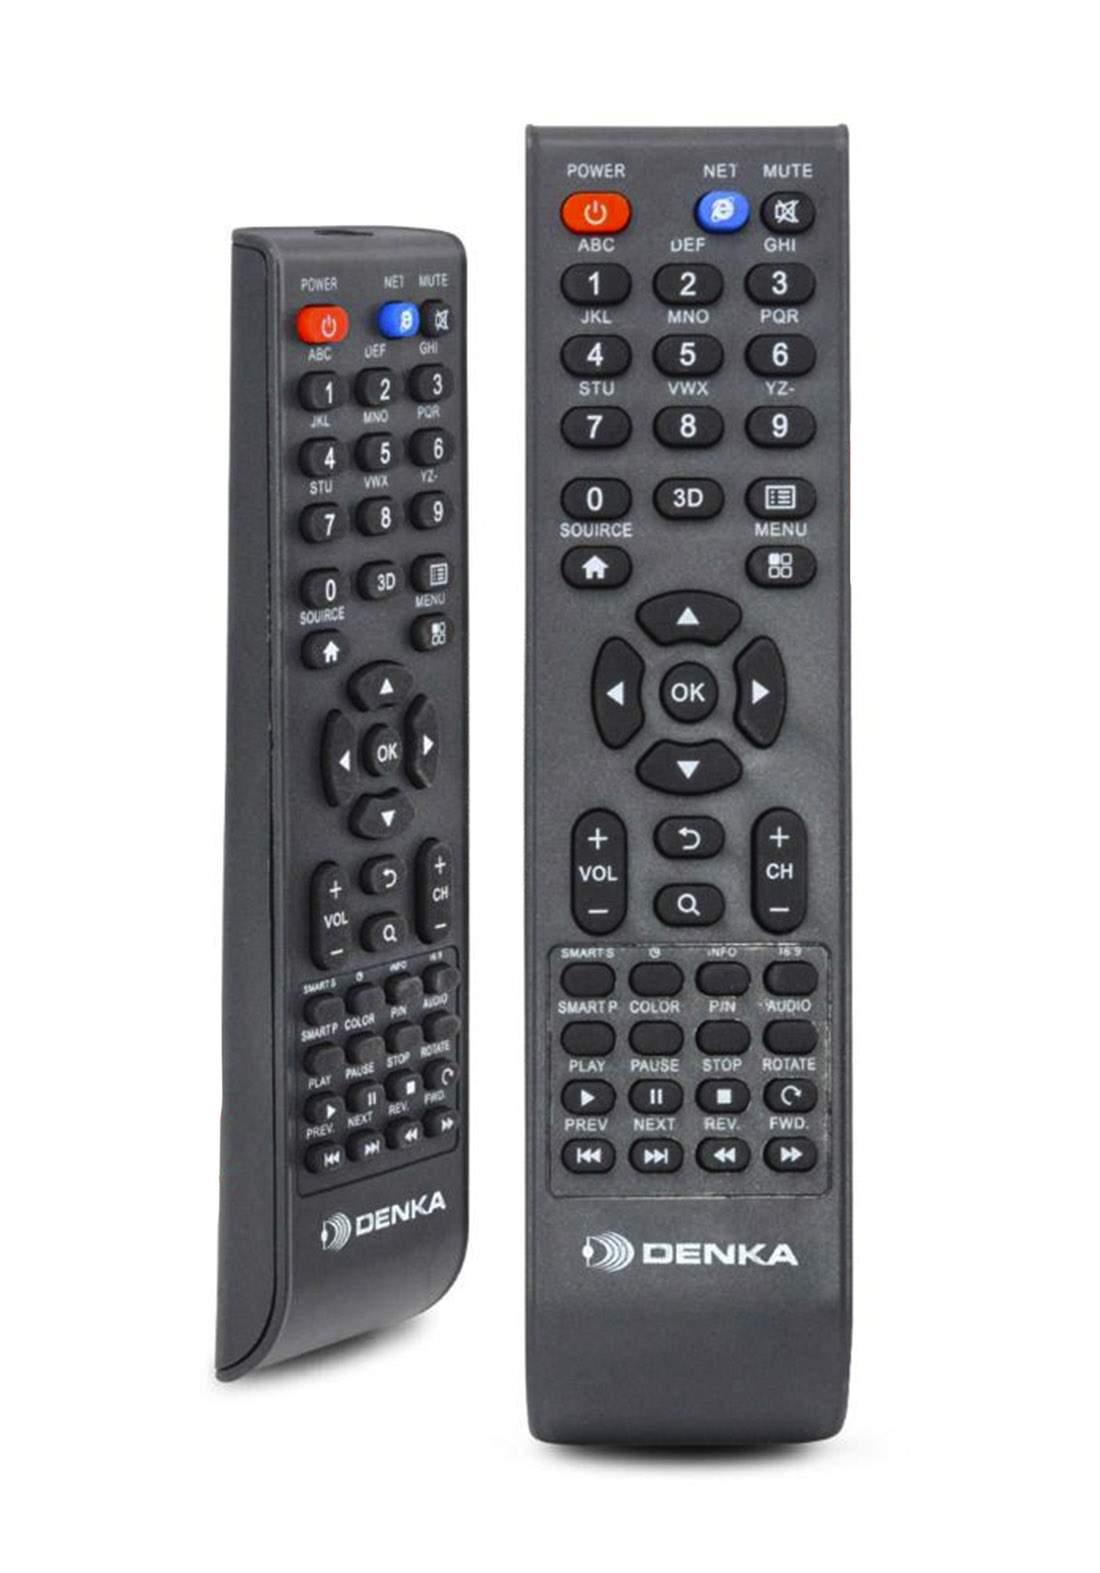 Remote Control For Denka Plasma TV (A-682) جهاز تحكم عن بعد